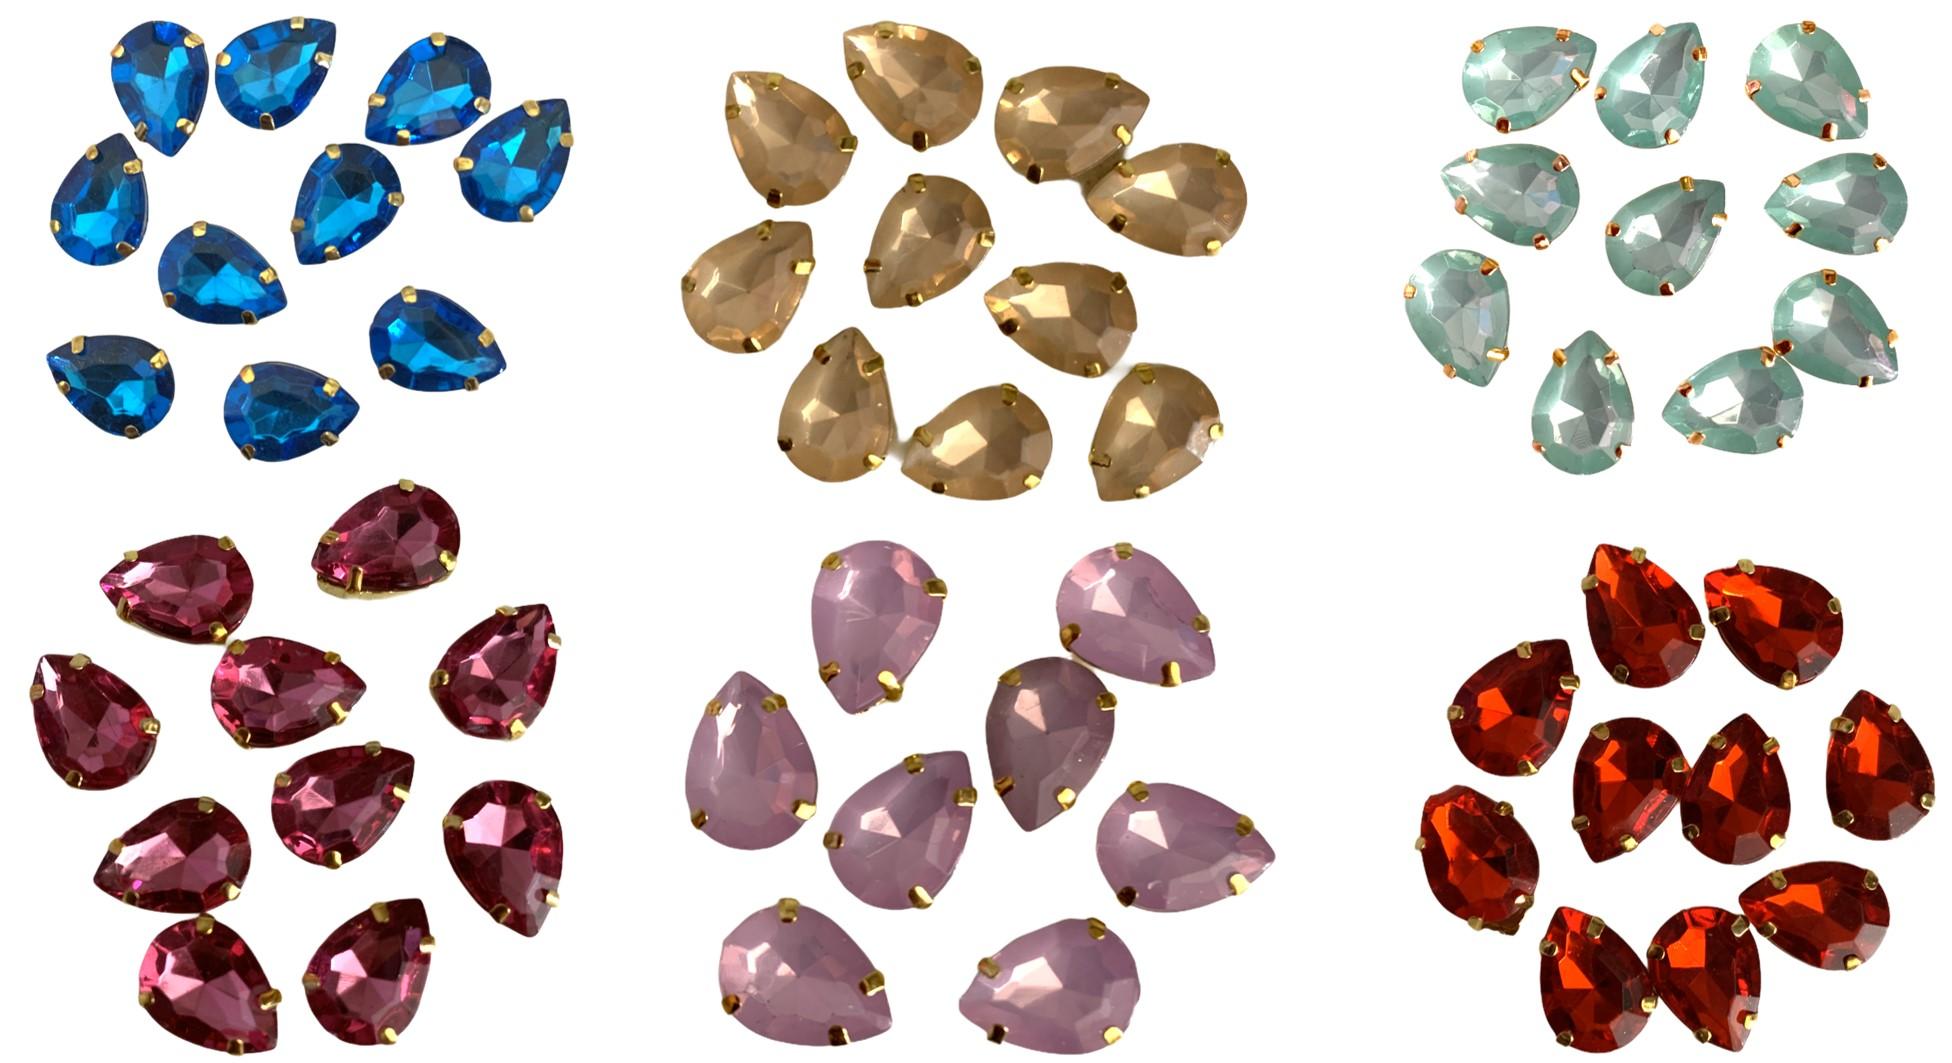 Chaton Engrampado Dourado 1,5X1,0cm - 10 unidades